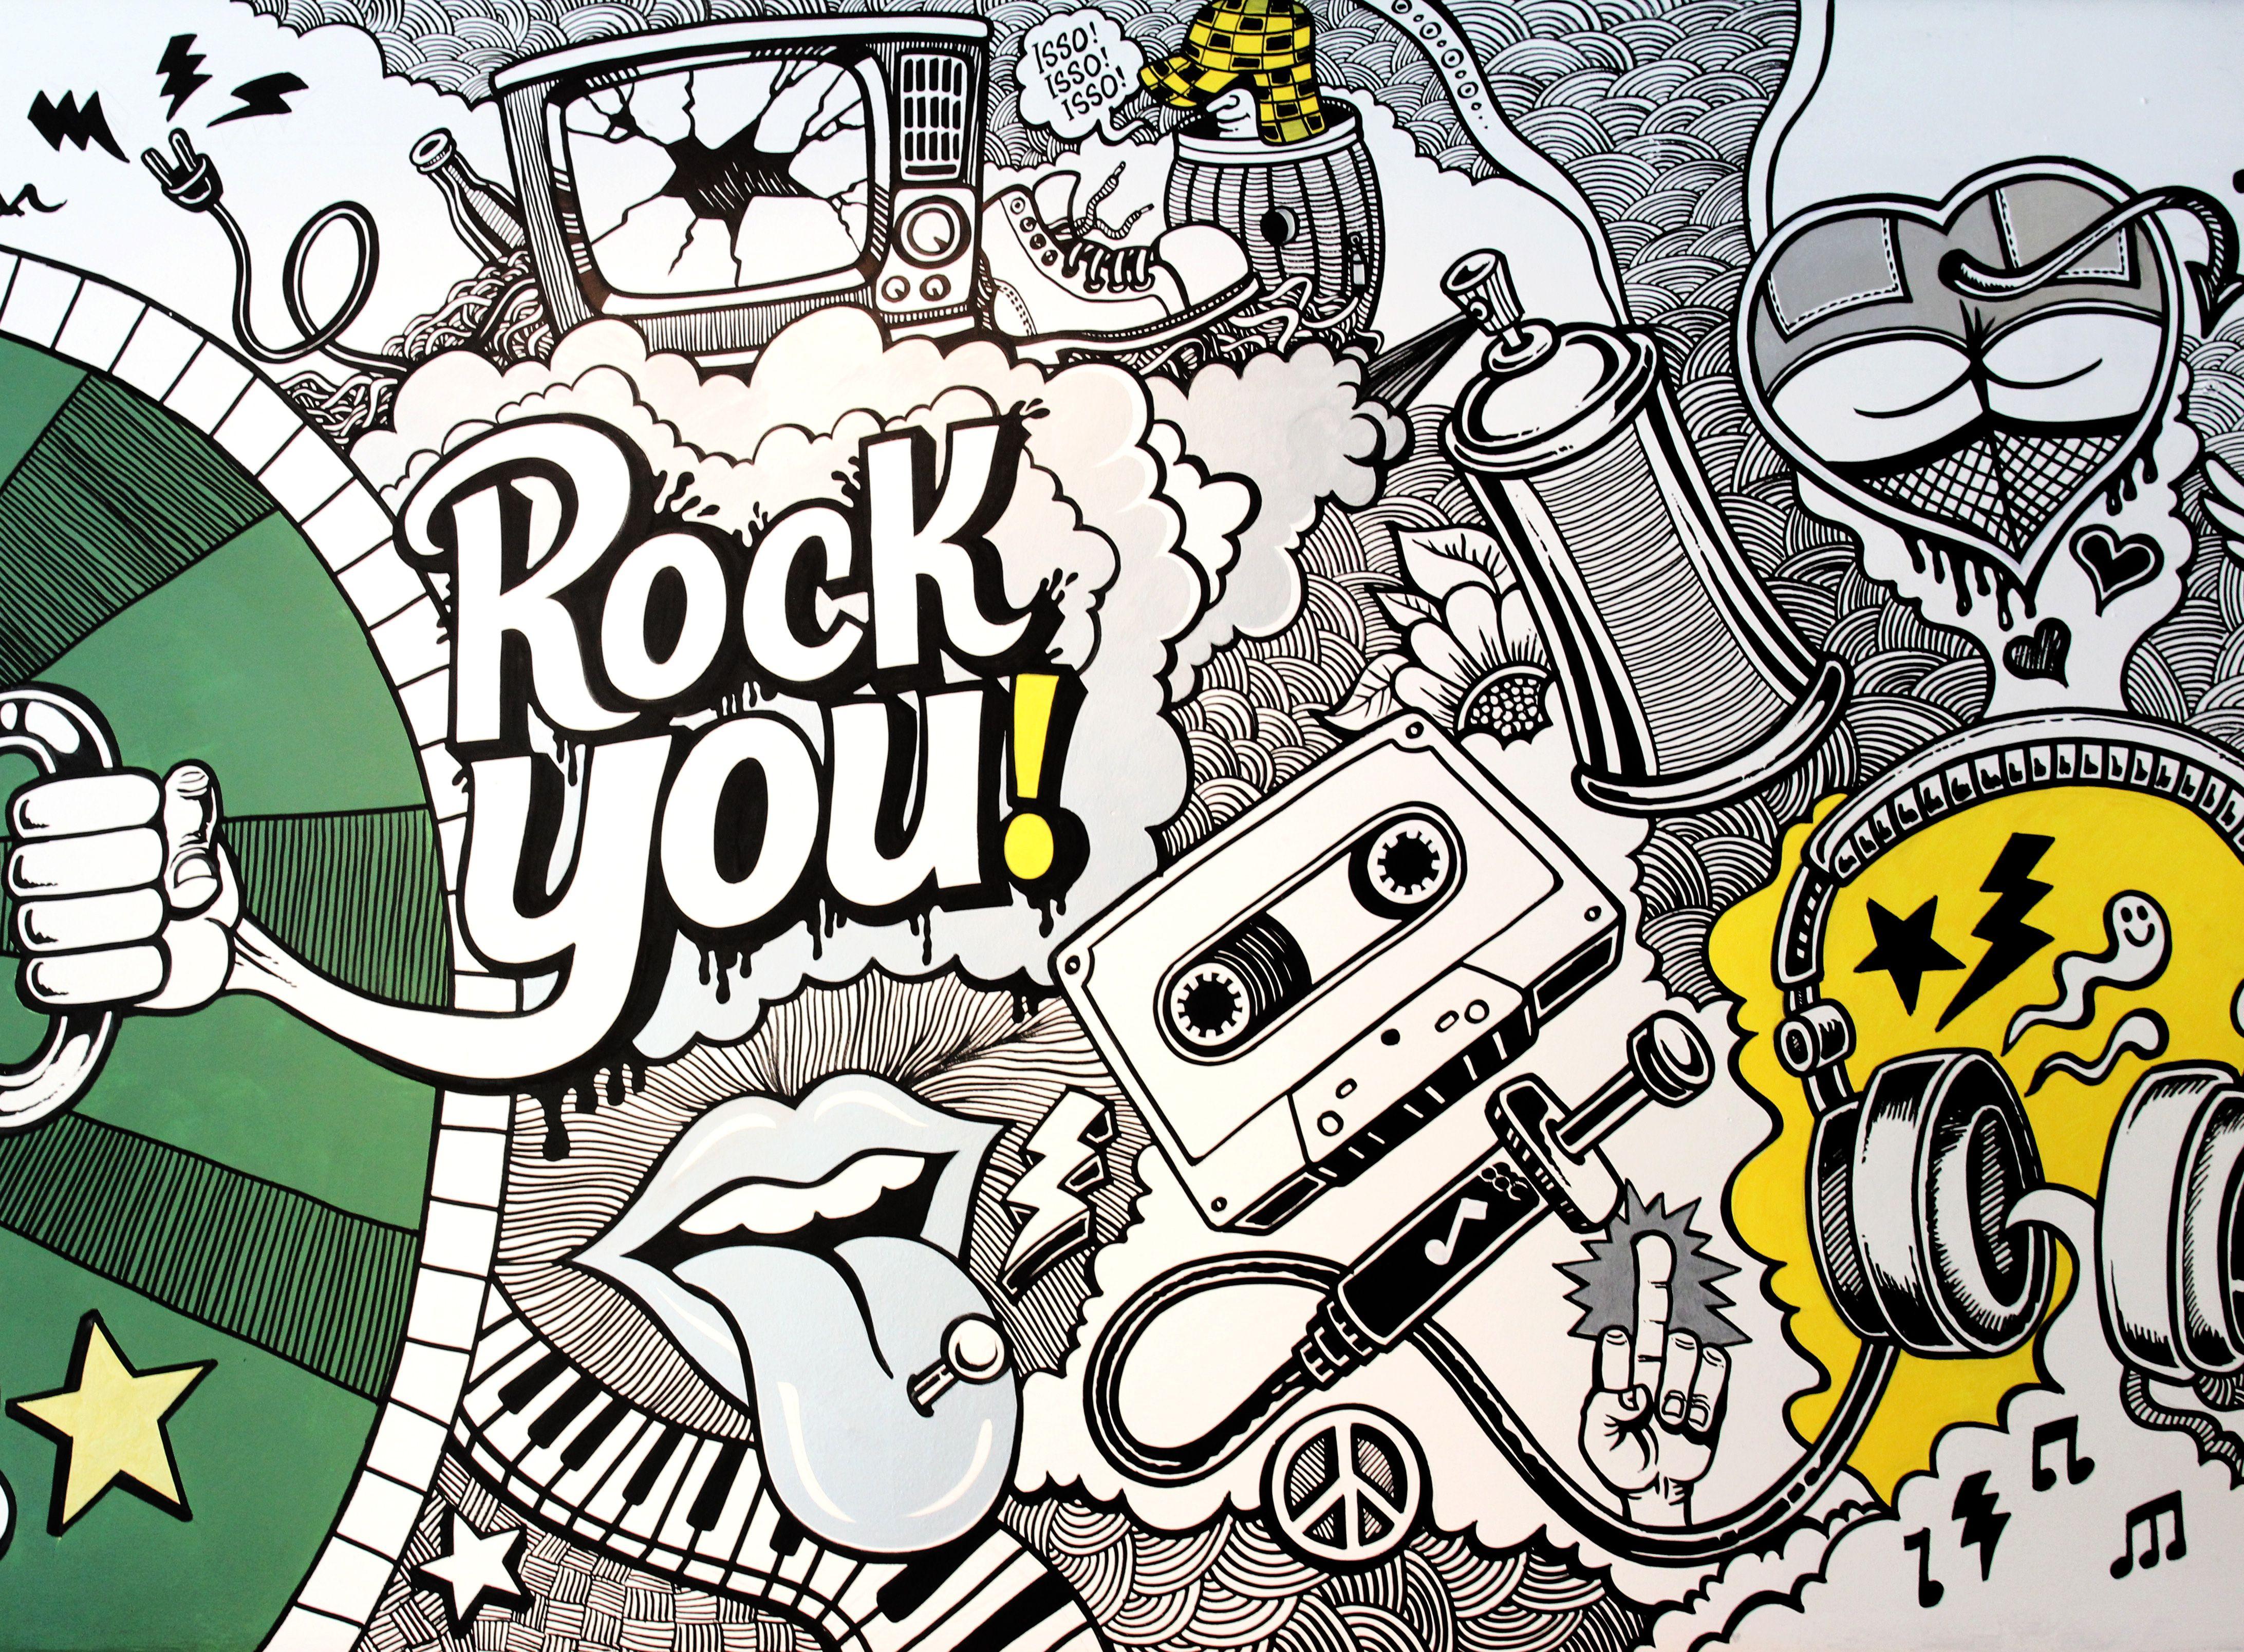 Ilustração no Pub Zé Brasil em Franca SP. Children